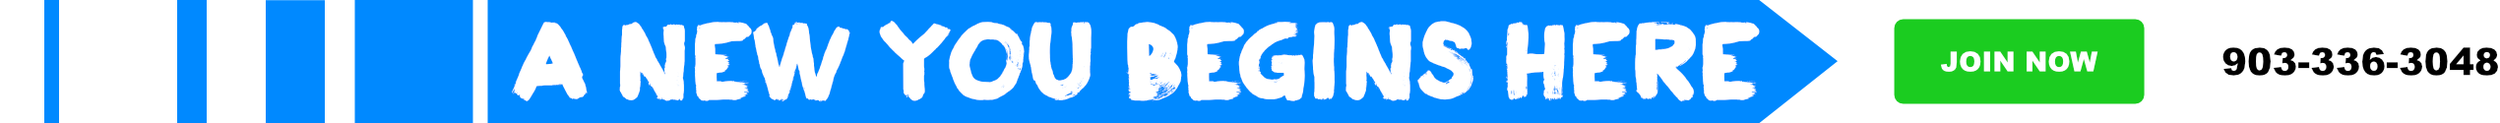 GBsiteNewyoubannertex.png